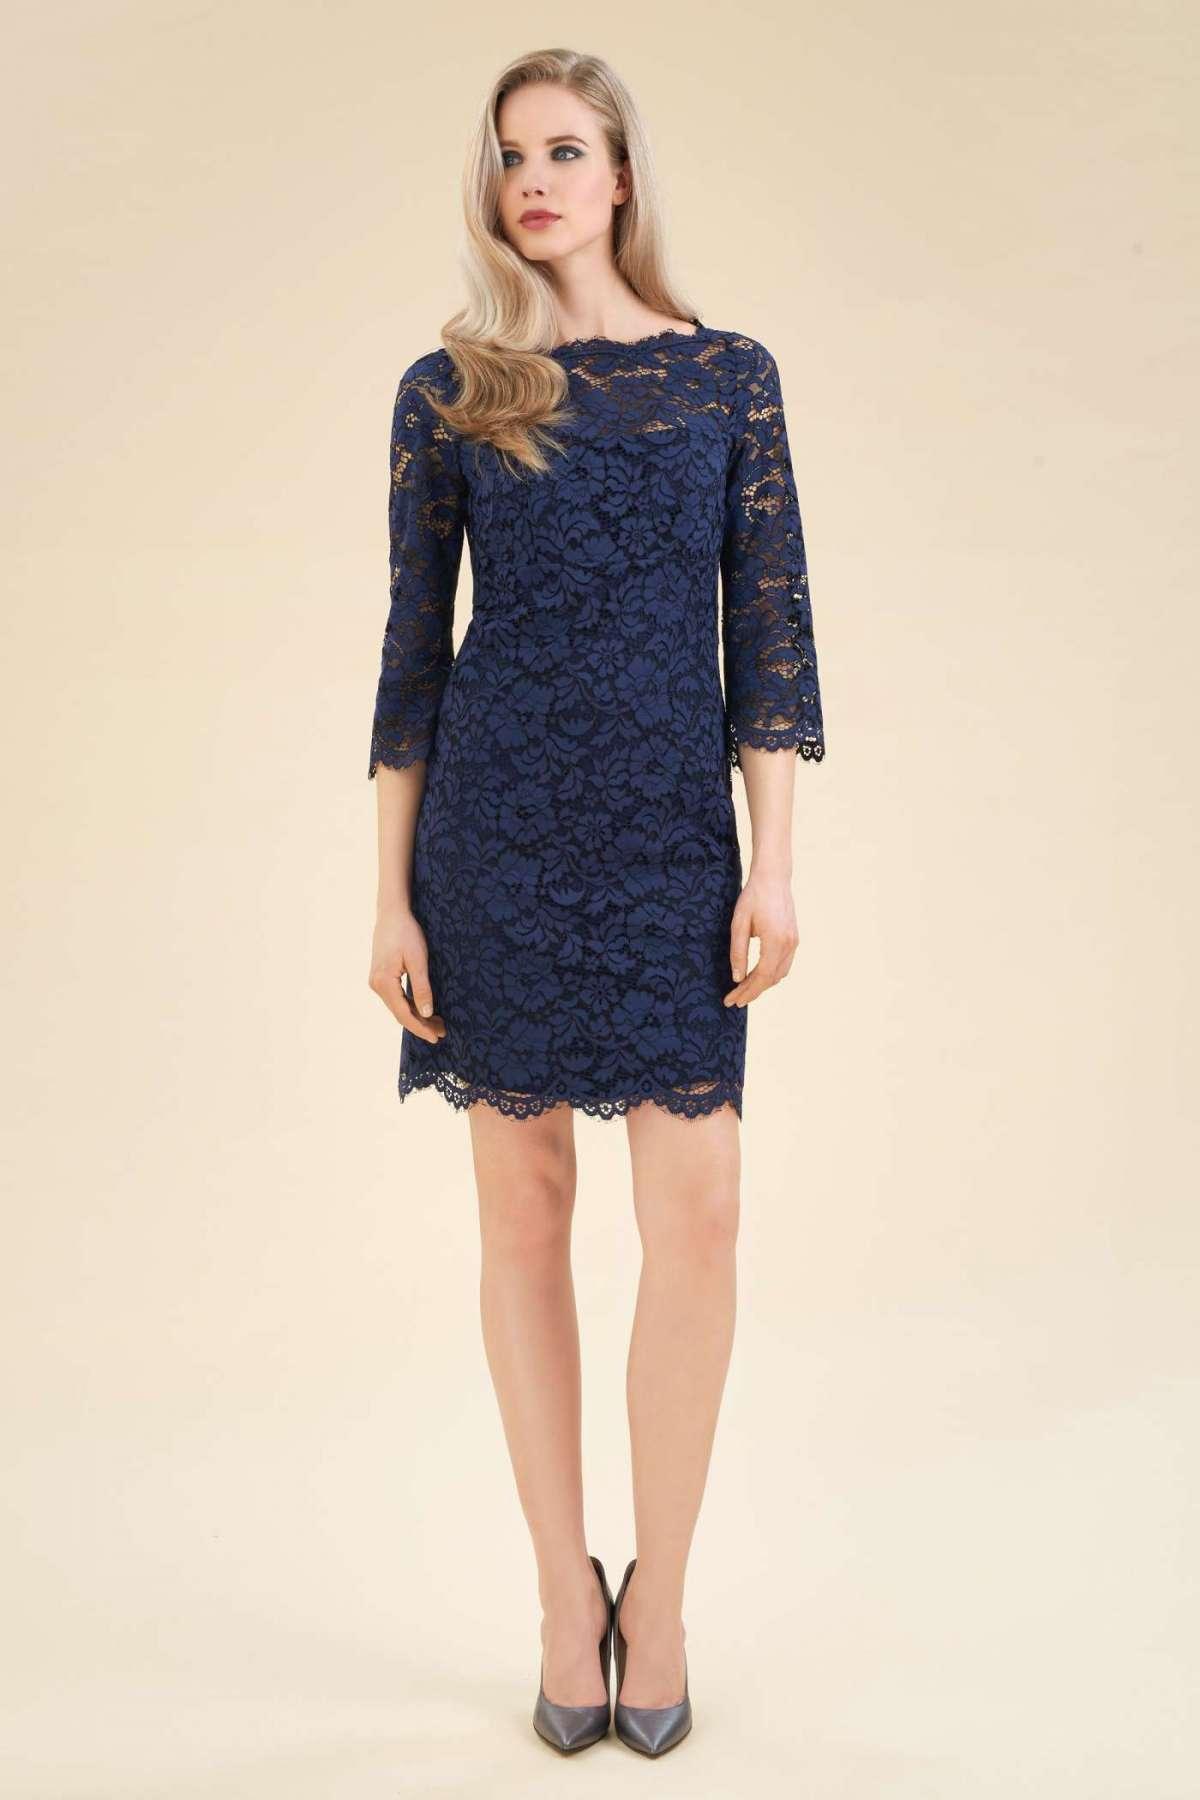 Vestito blu elegante in pizzo Luisa Spagnoli a 398 euro